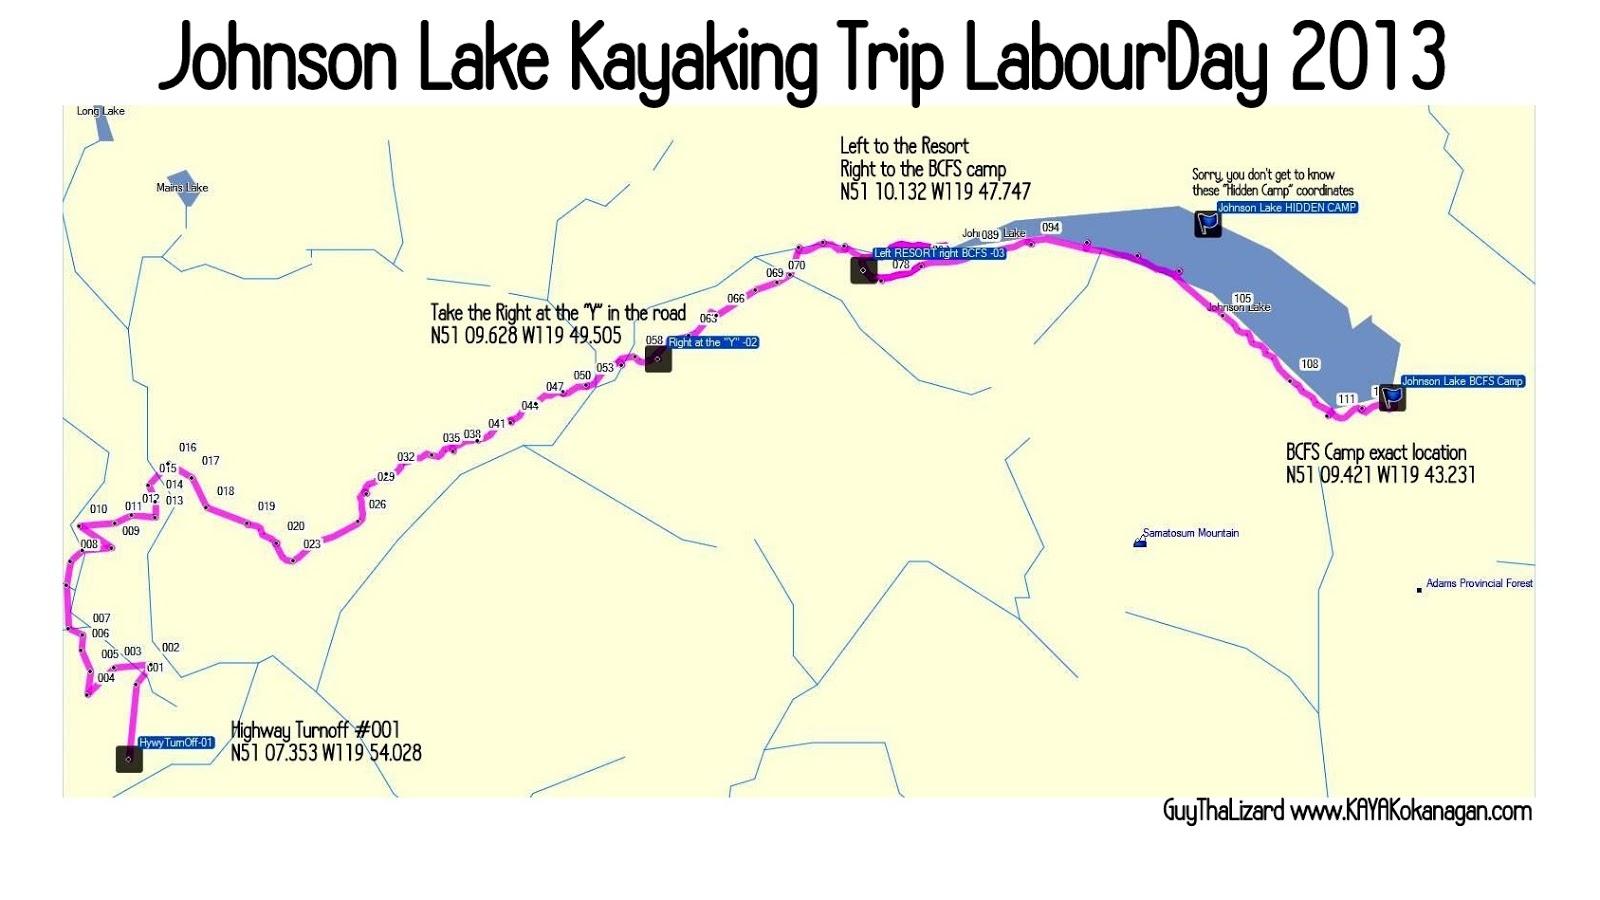 Www KAYAKOKANAGAN Com Kayaking Okanagan BLOG Johnson Lake - Johnson lake map